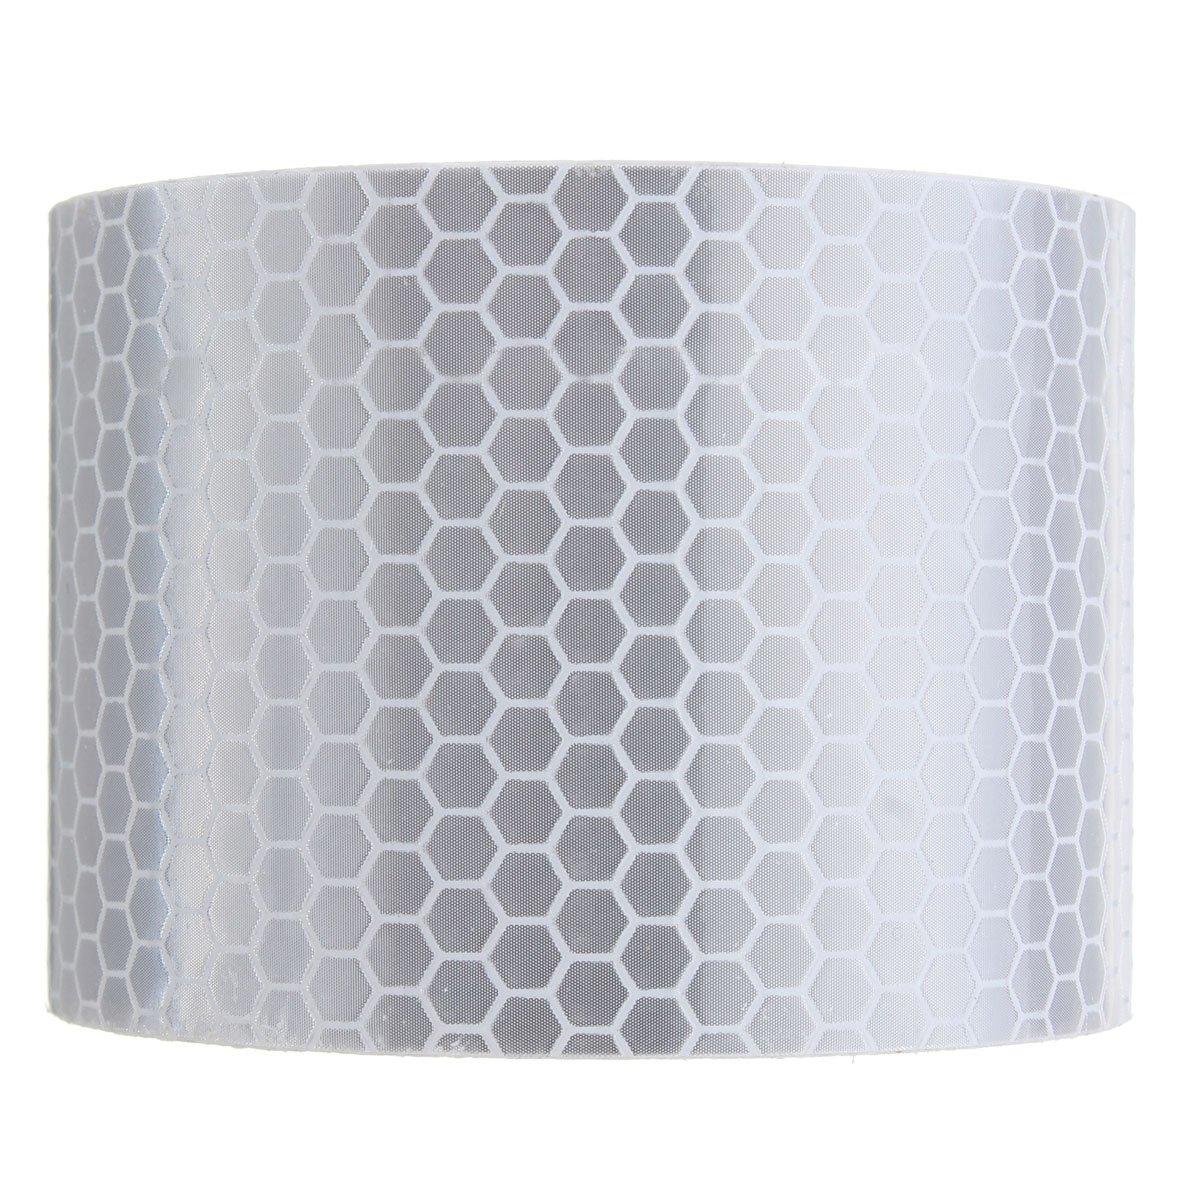 KING DO WAY Cinta Reflectante de Seguridad con Relieve de Panal de Abeja (Adhesiva, 5 cm × 3 m): Amazon.es: Coche y moto